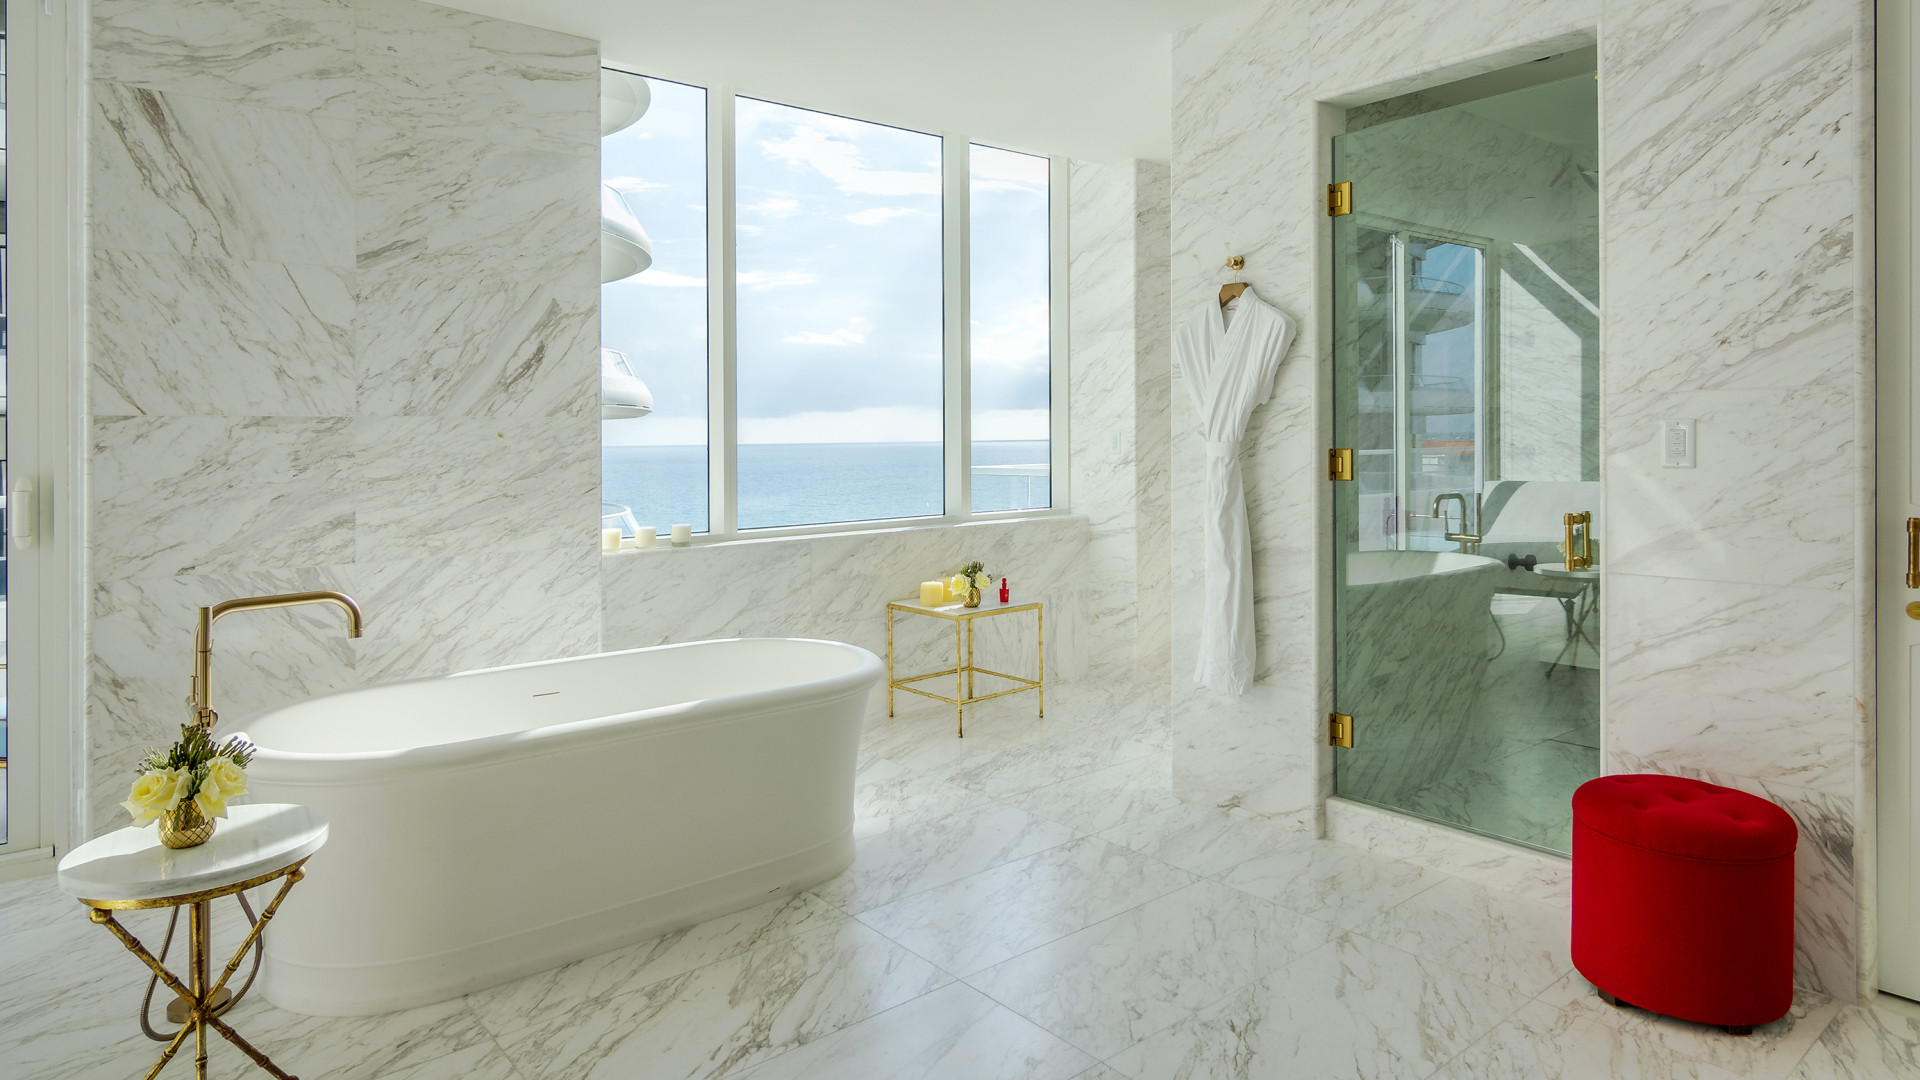 Faena penthouse Miami